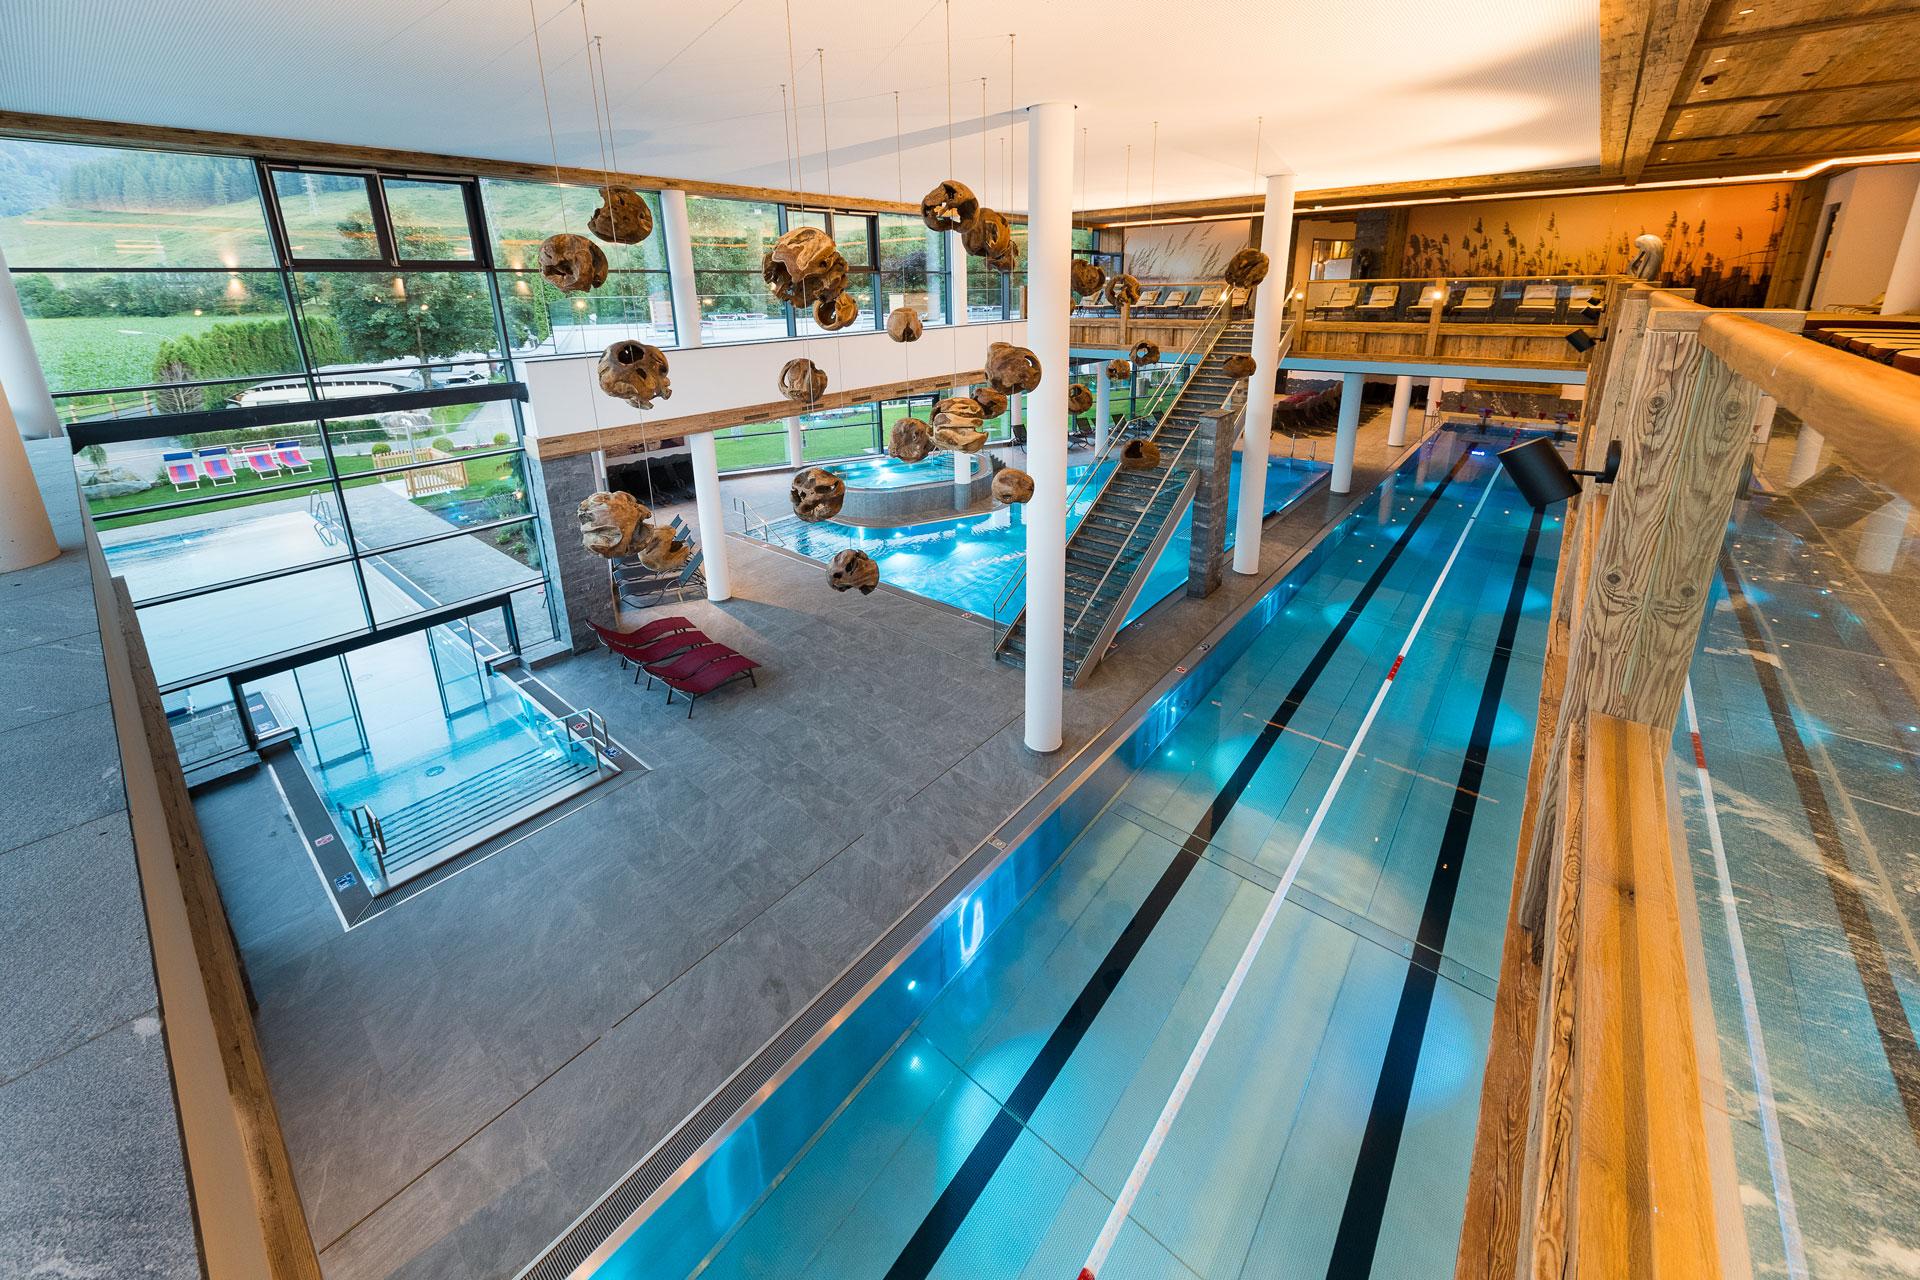 Schwimmbad mit bedruckter Bildwand